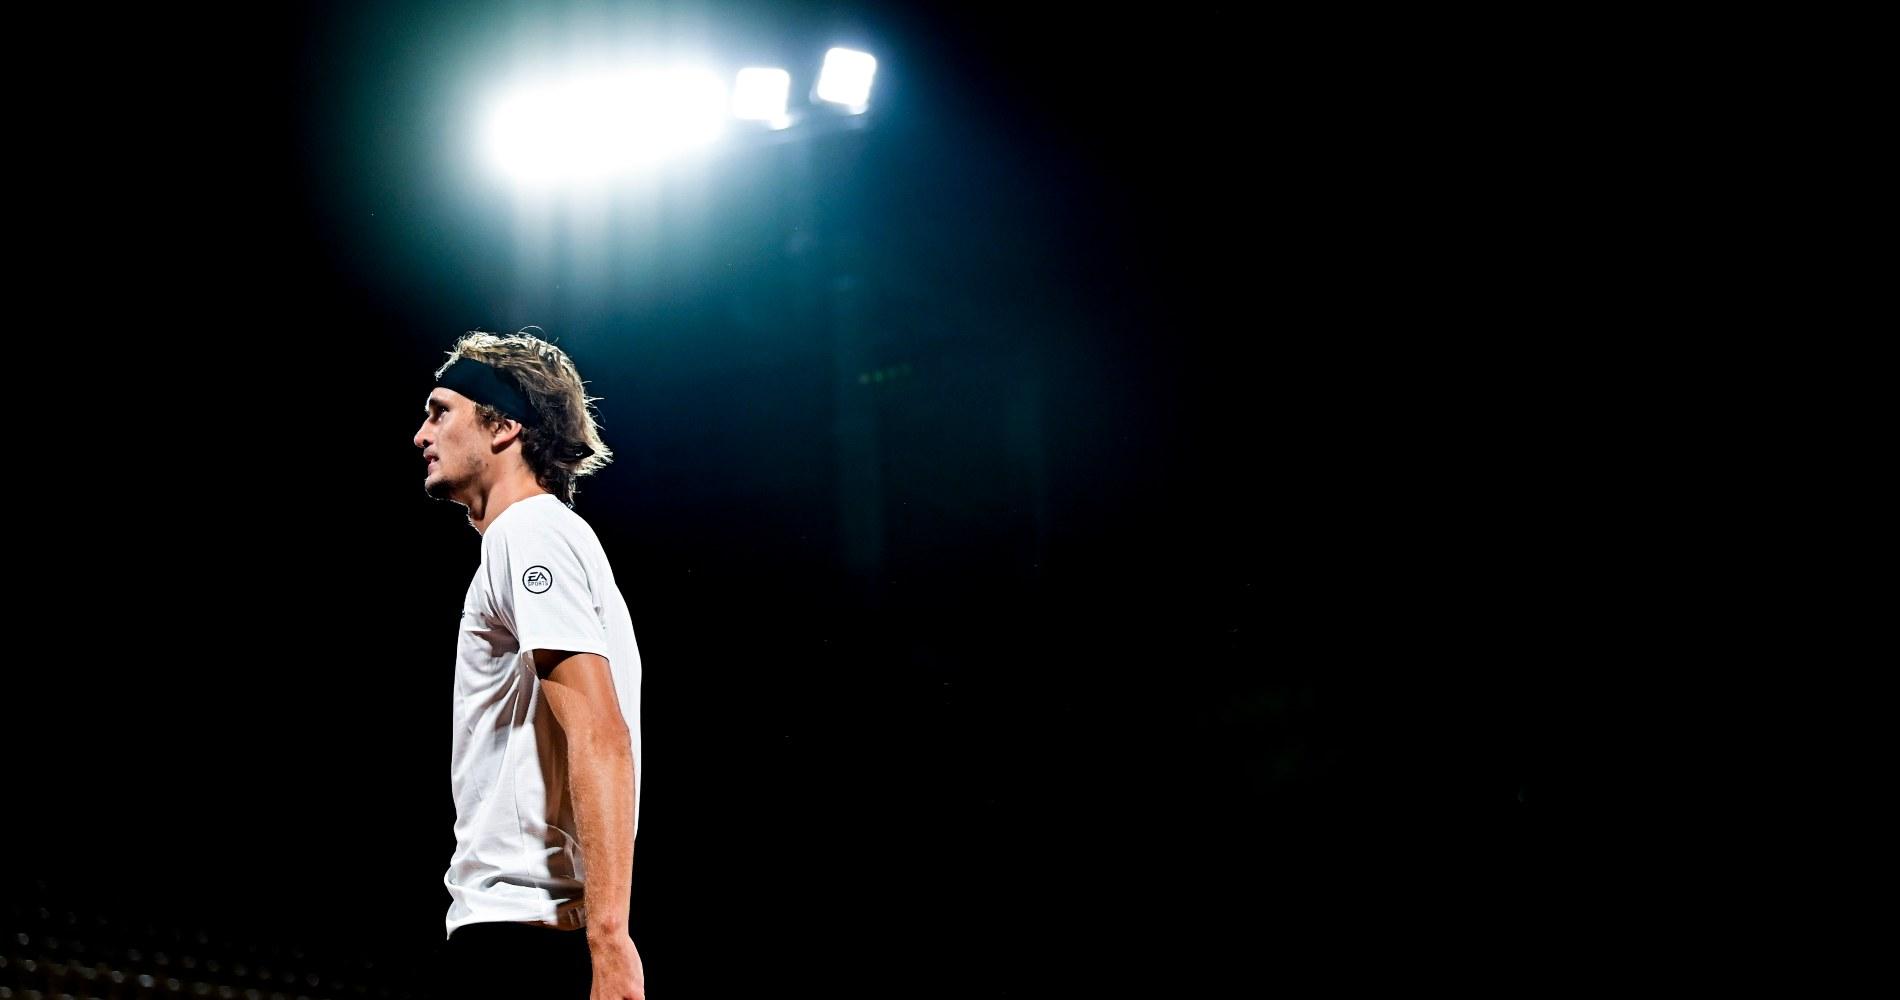 Zverev Roland Garros 2020